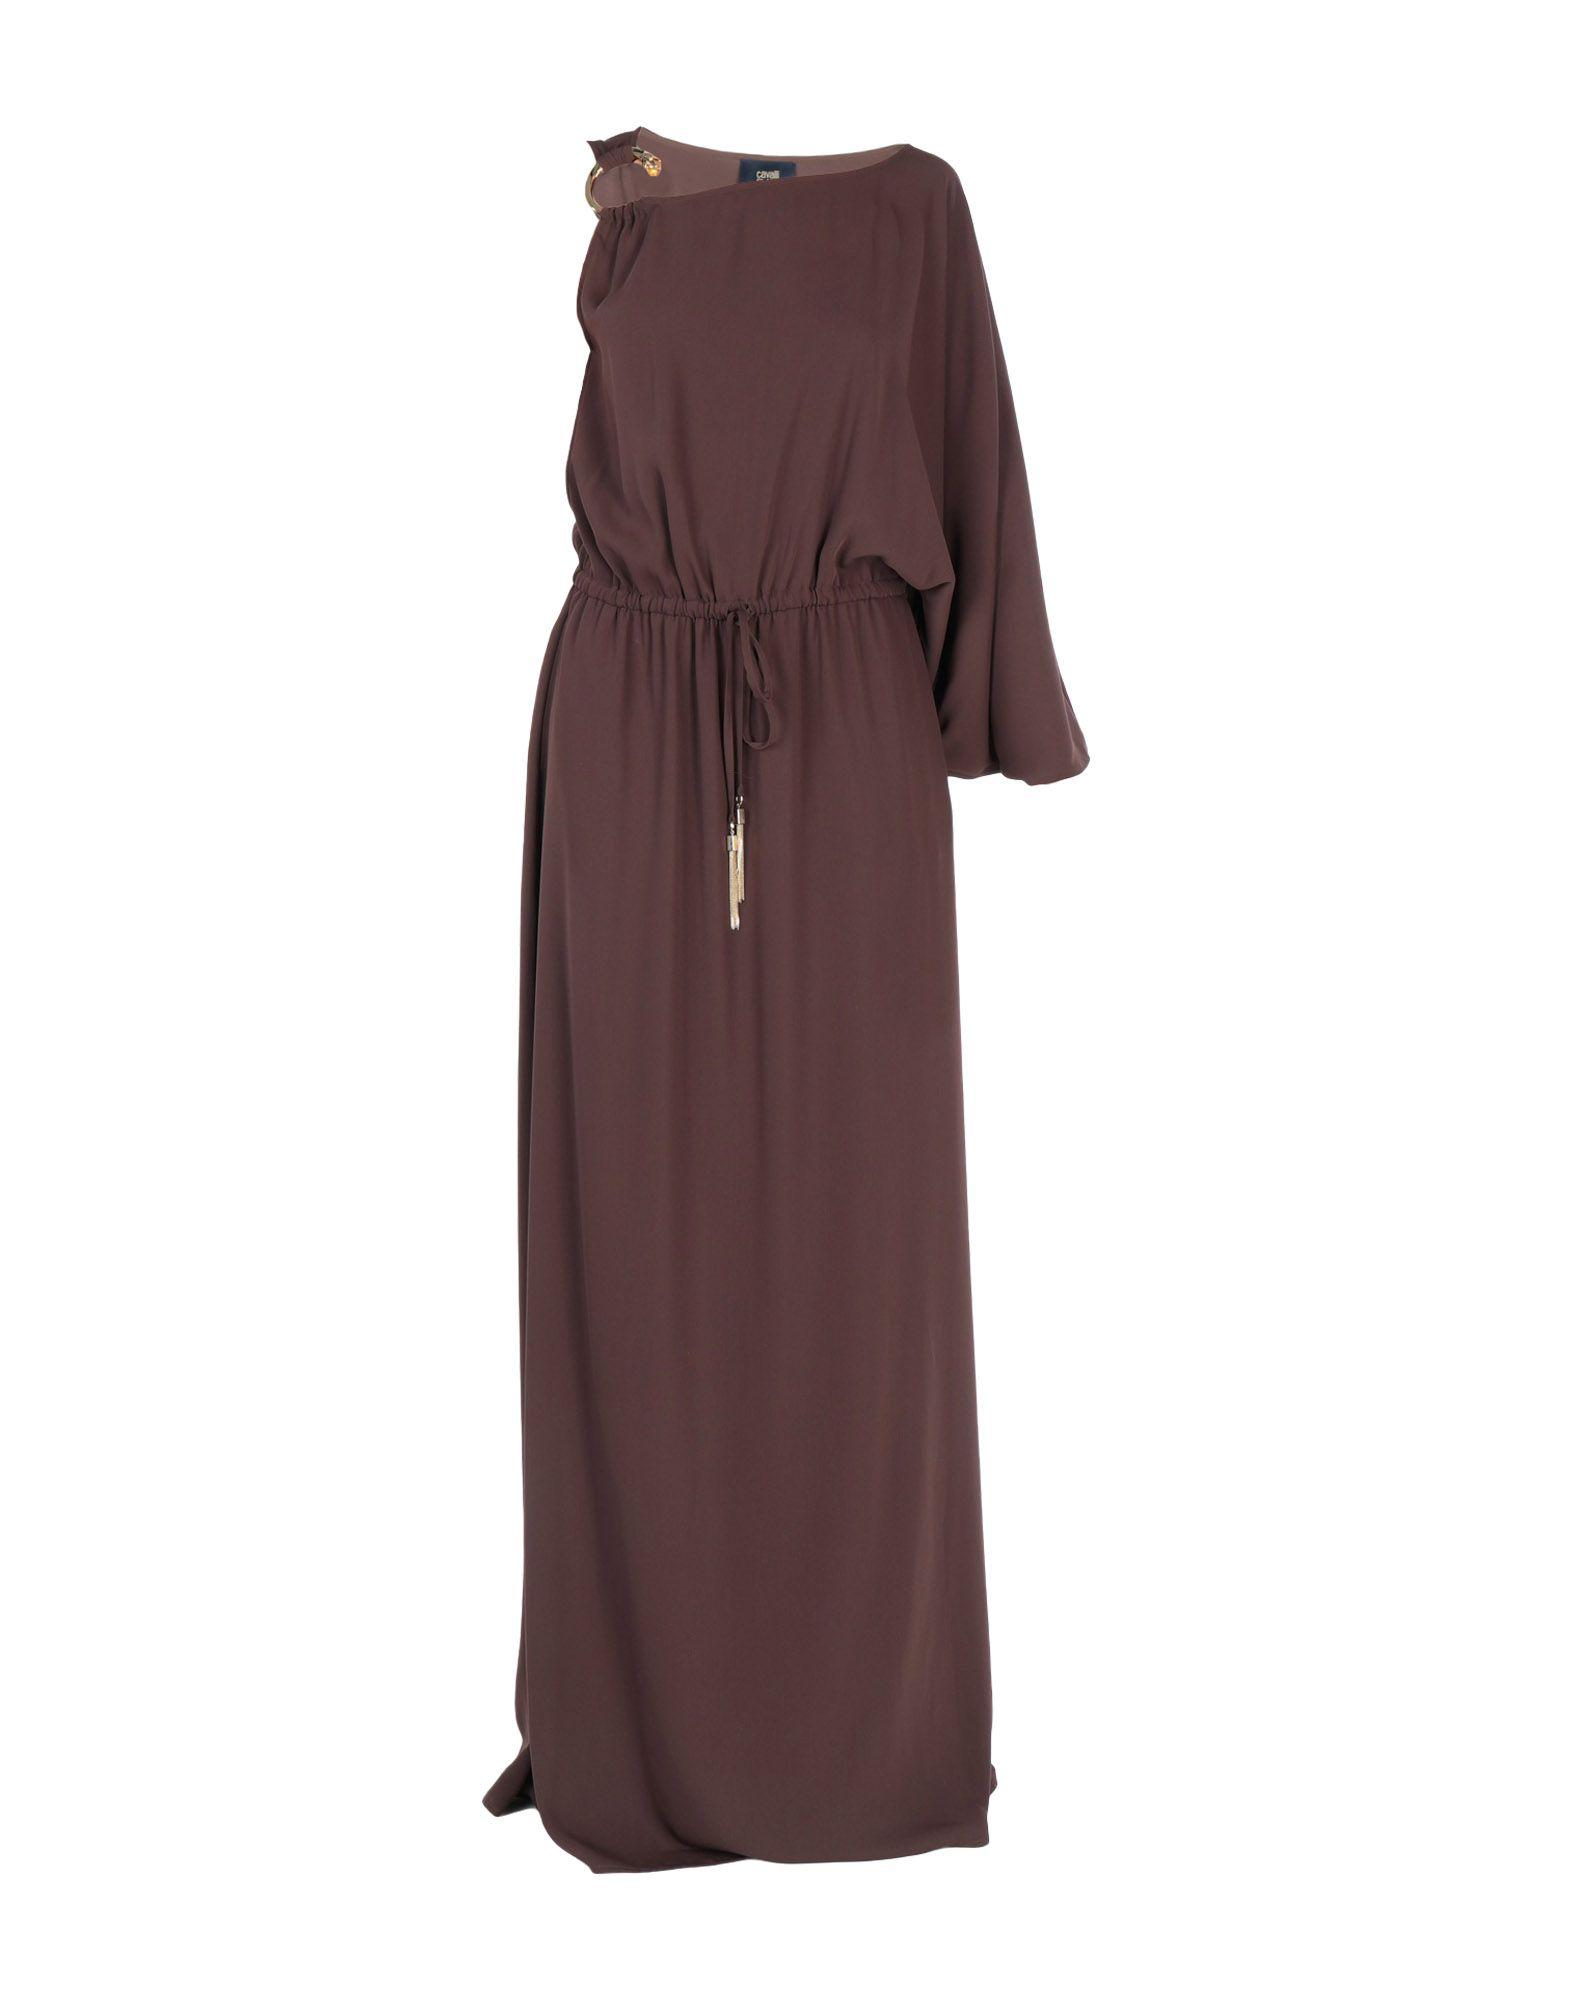 CAVALLI CLASS Длинное платье малого сексуально женщин от летних моды случайных плечо мини платье